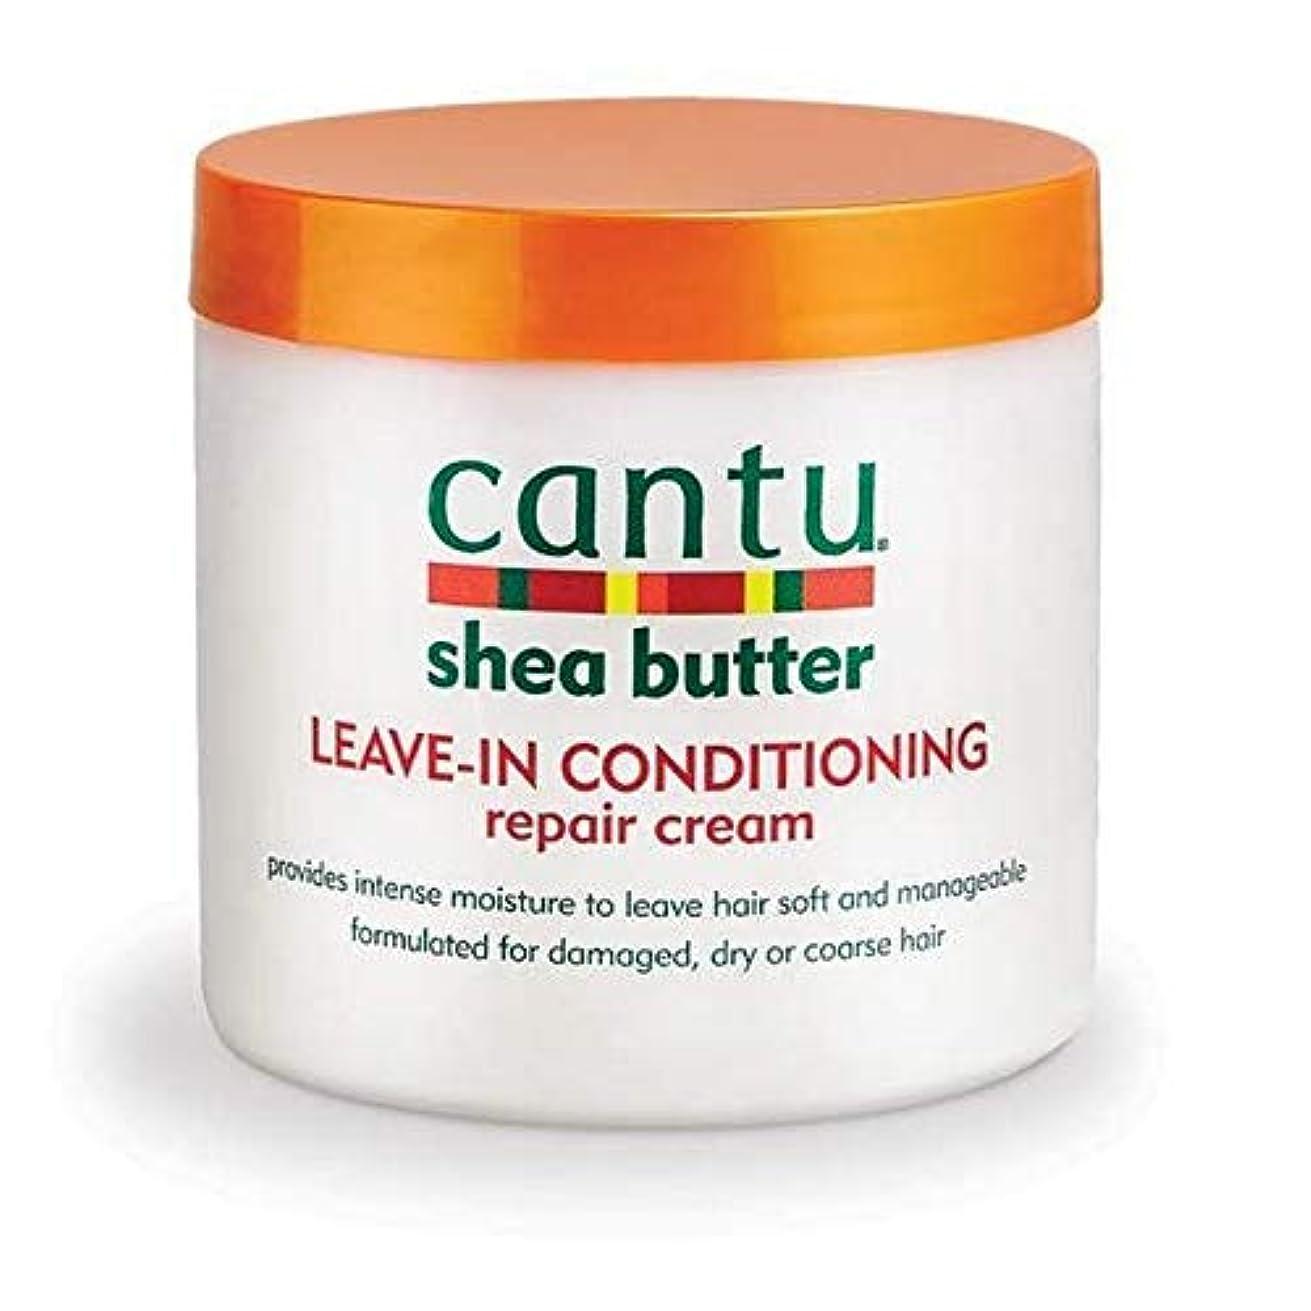 不適しかしながら怒る[Cantu ] エアコン修理クリーム453グラムでカントゥシアバター休暇 - Cantu Shea Butter Leave in Conditioning Repair Cream 453g [並行輸入品]